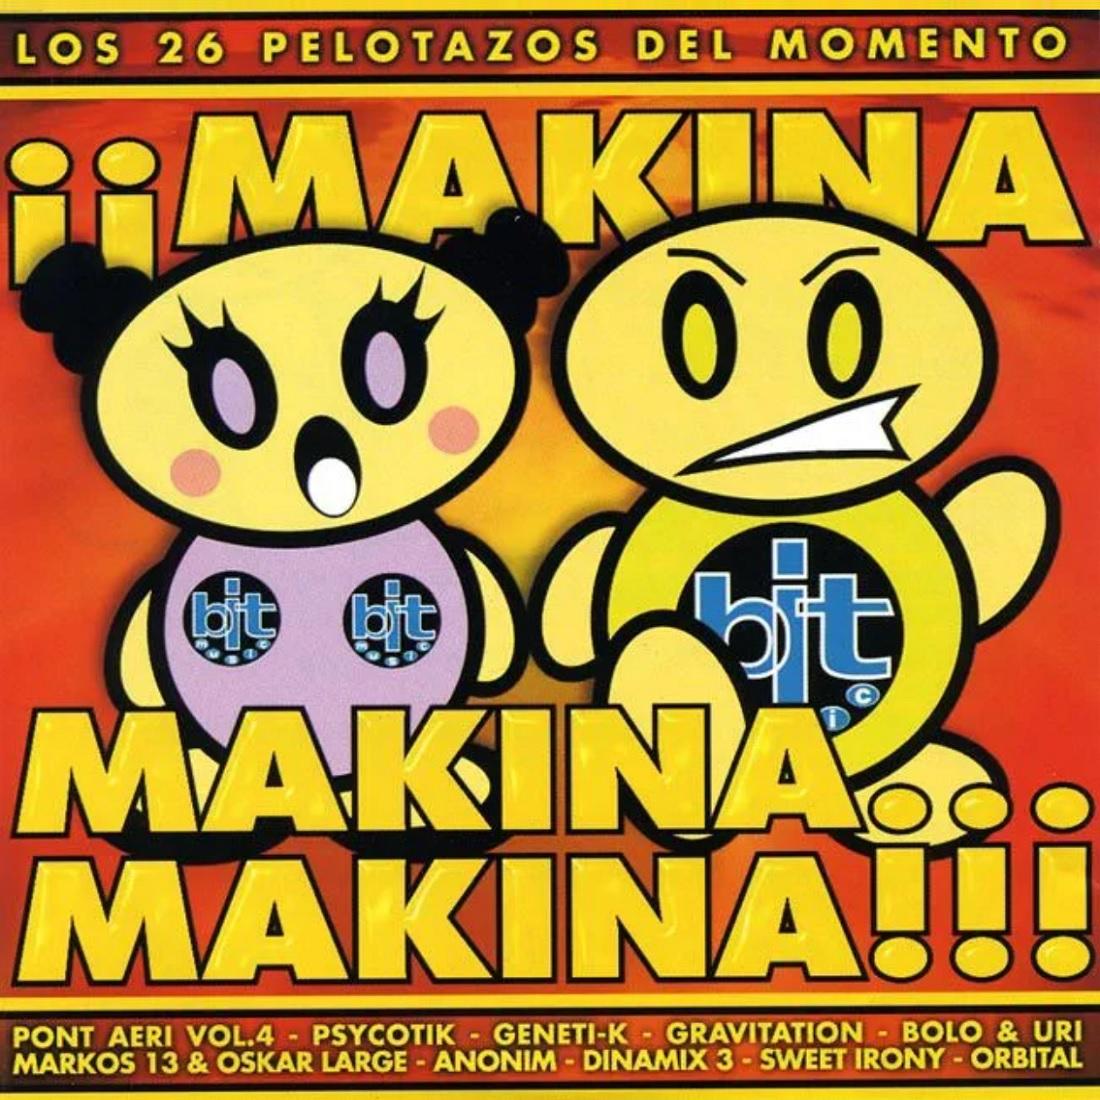 ¡¡Makina, Makina… Makina!!!